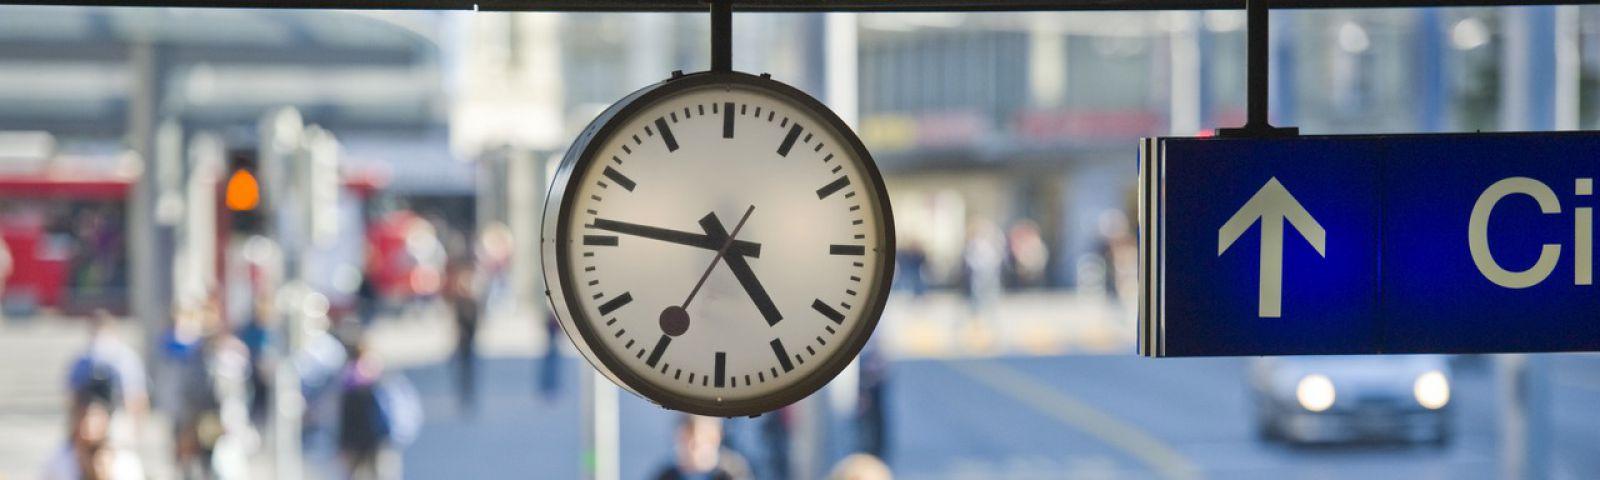 Fahrplan 2019 Neue Züge Und Mehr Angebot Sbb News